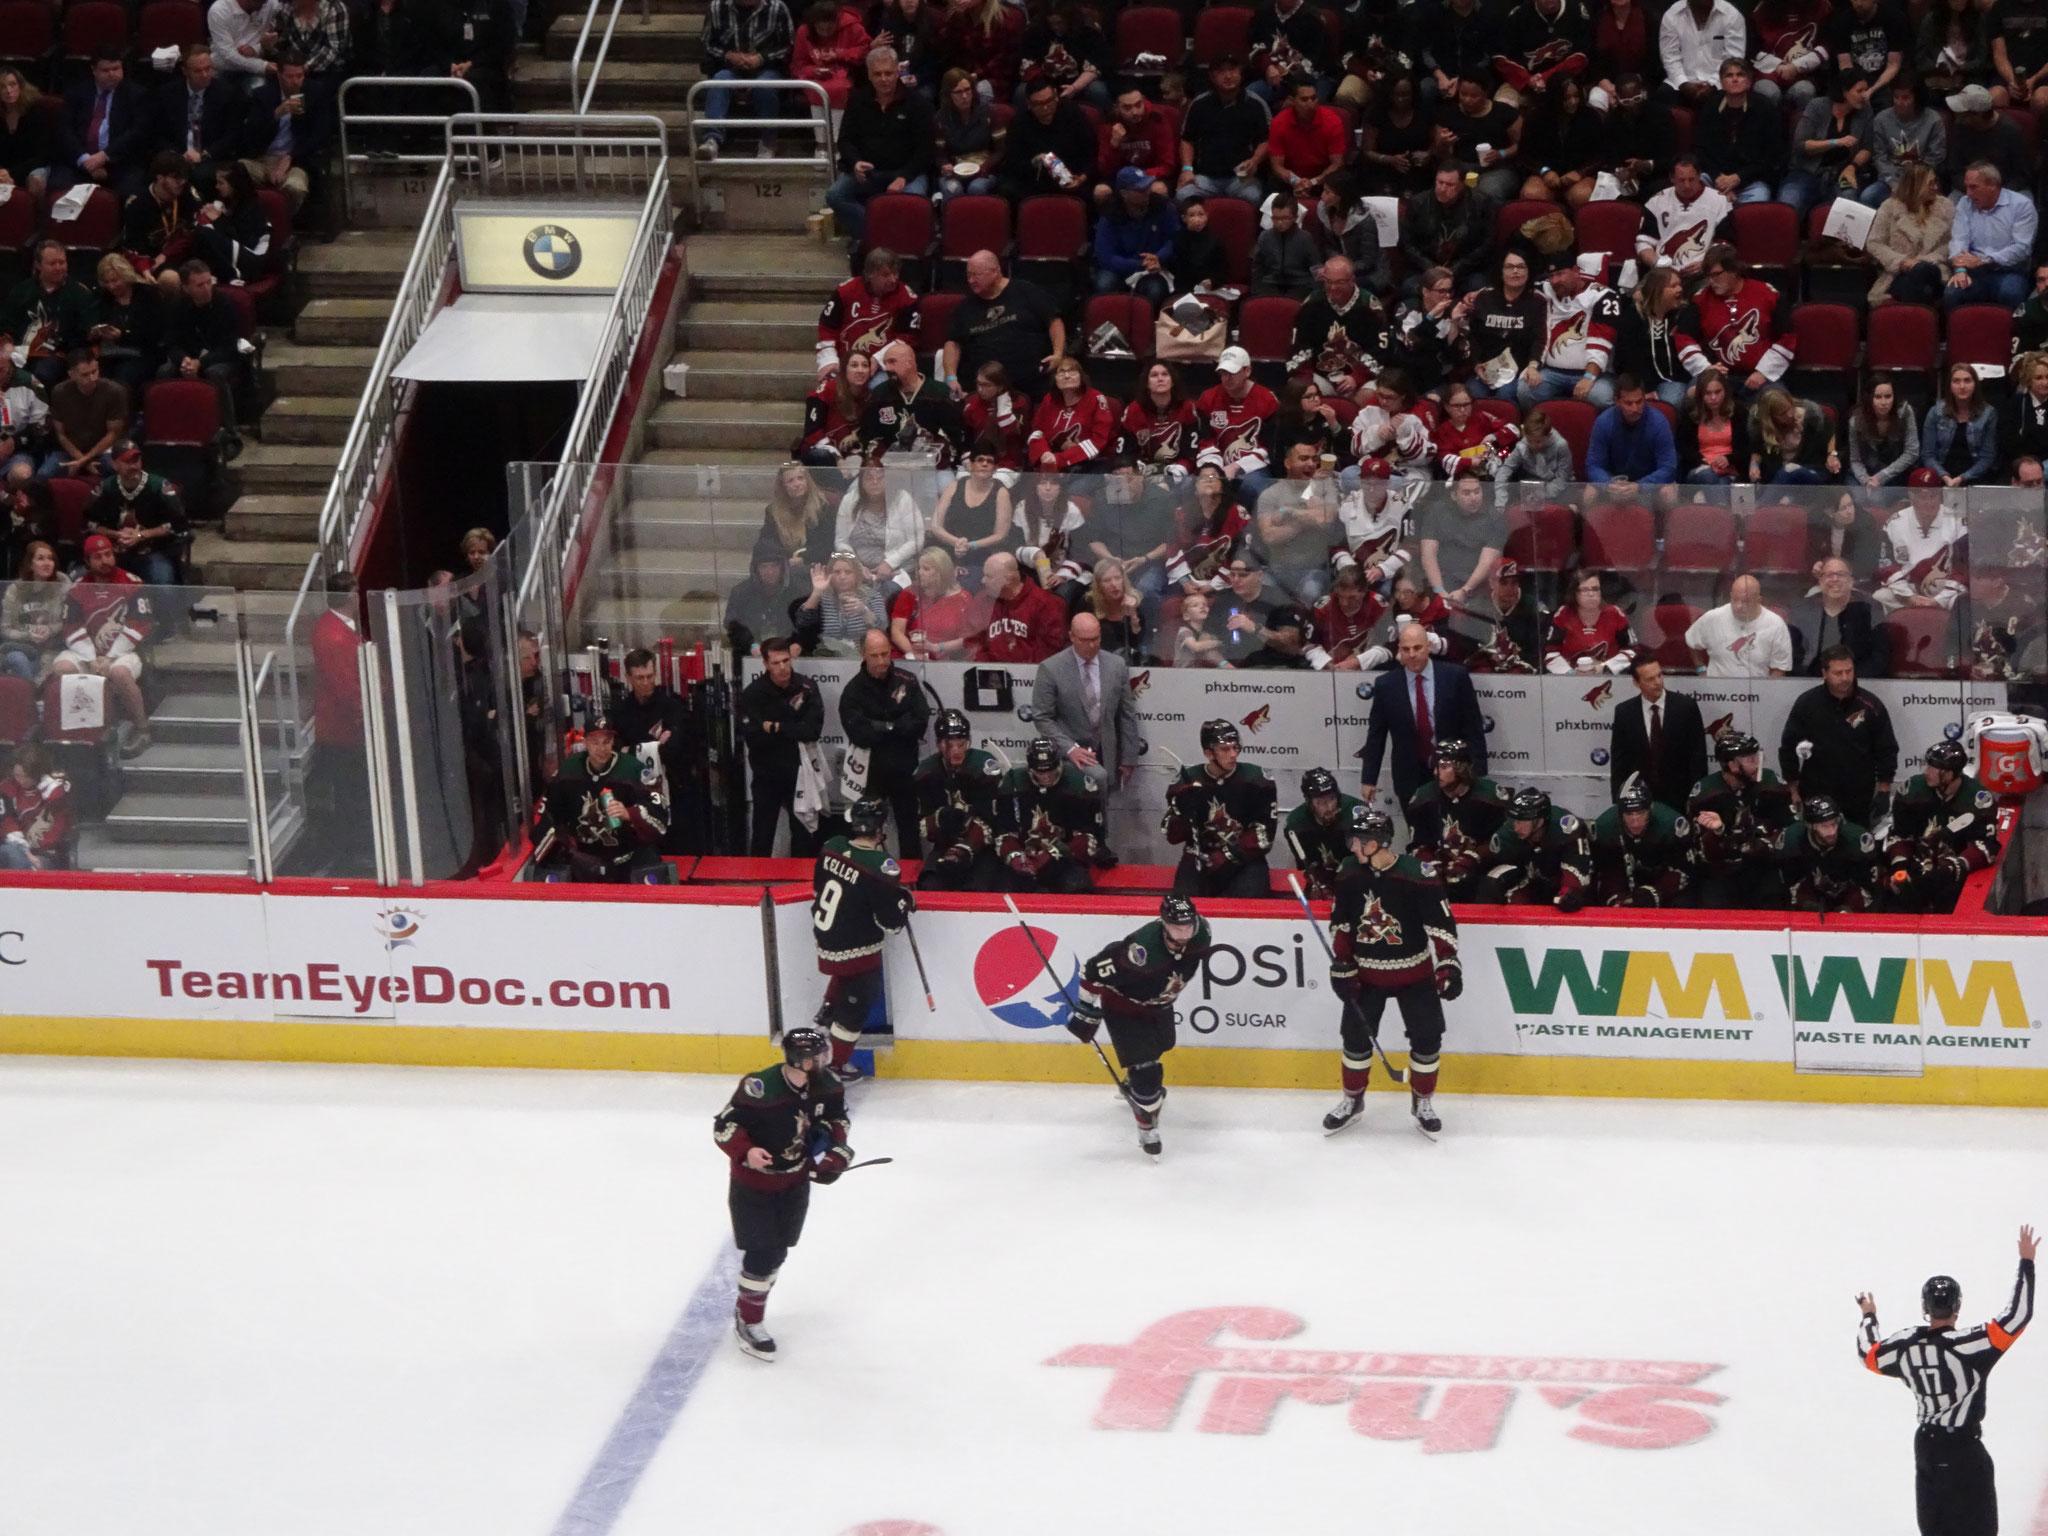 Arizona Coyotes vs Anaheim Ducks (2018/19)